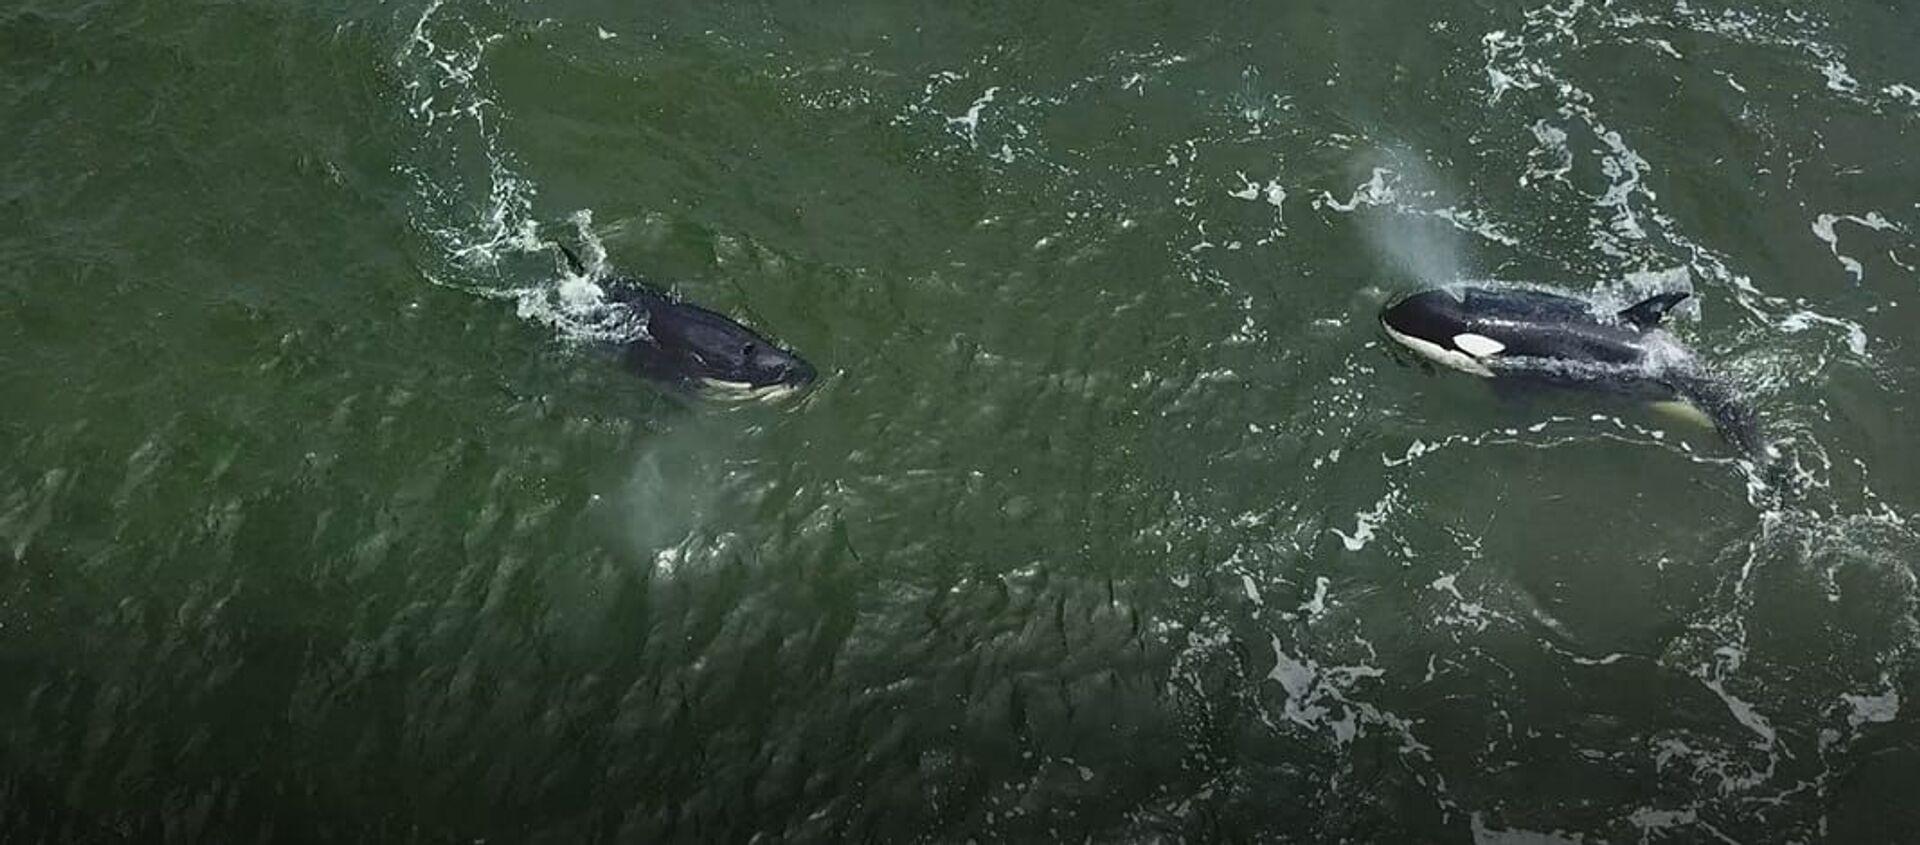 Orcas y ballenas blancas fueron liberadas en el Lejano Oriente ruso - Sputnik Mundo, 1920, 28.06.2019